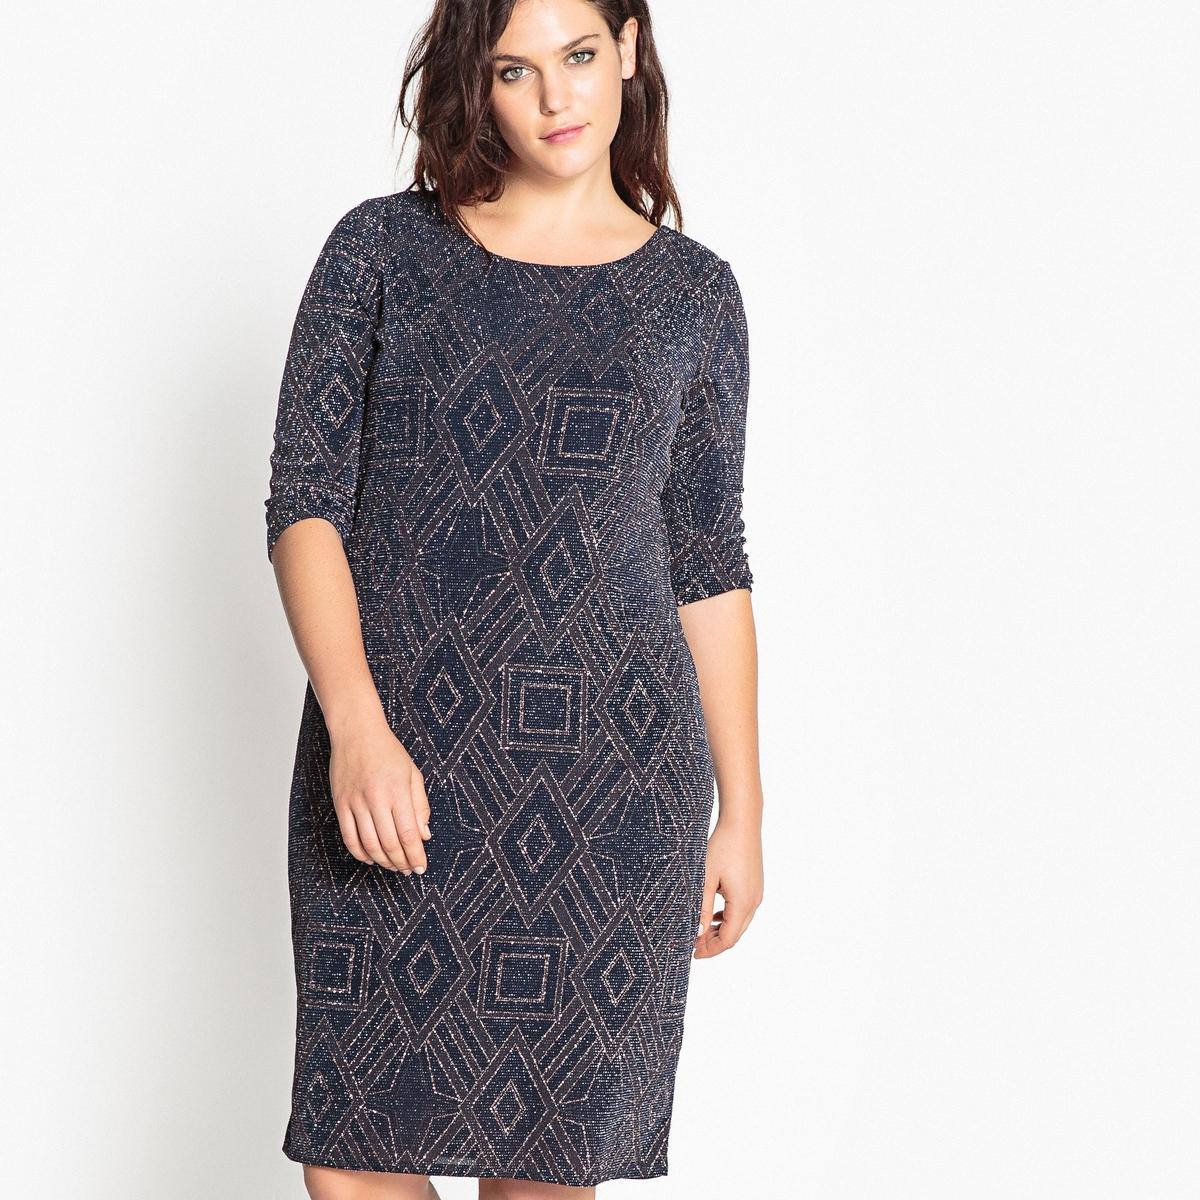 Платье прямое из трикотажа с рисункомОписание:Это трикотажное платье с блестящим принтом подчеркнет ваши достоинства. Идеальное платье для вечеринки в сочетании с туфлями на каблуках.Детали •  Форма : прямая •  Длина миди, 3/4 •  Рукава 3/4    •  Круглый вырез •  Рисунок-принтСостав и уход •  5% эластана, 12% металлизированных волокон, 83% полиамида  •  Подкладка : 100% полиэстер •  Температура стирки при 30° на деликатном режиме  •  Сухая чистка и отбеливание запрещены •  Не использовать барабанную сушку  •  Низкая температура глажки Товар из коллекции больших размеров •  Длина : 98,8 см<br><br>Цвет: геометрический рисунок<br>Размер: 48 (FR) - 54 (RUS).50 (FR) - 56 (RUS).46 (FR) - 52 (RUS).44 (FR) - 50 (RUS)